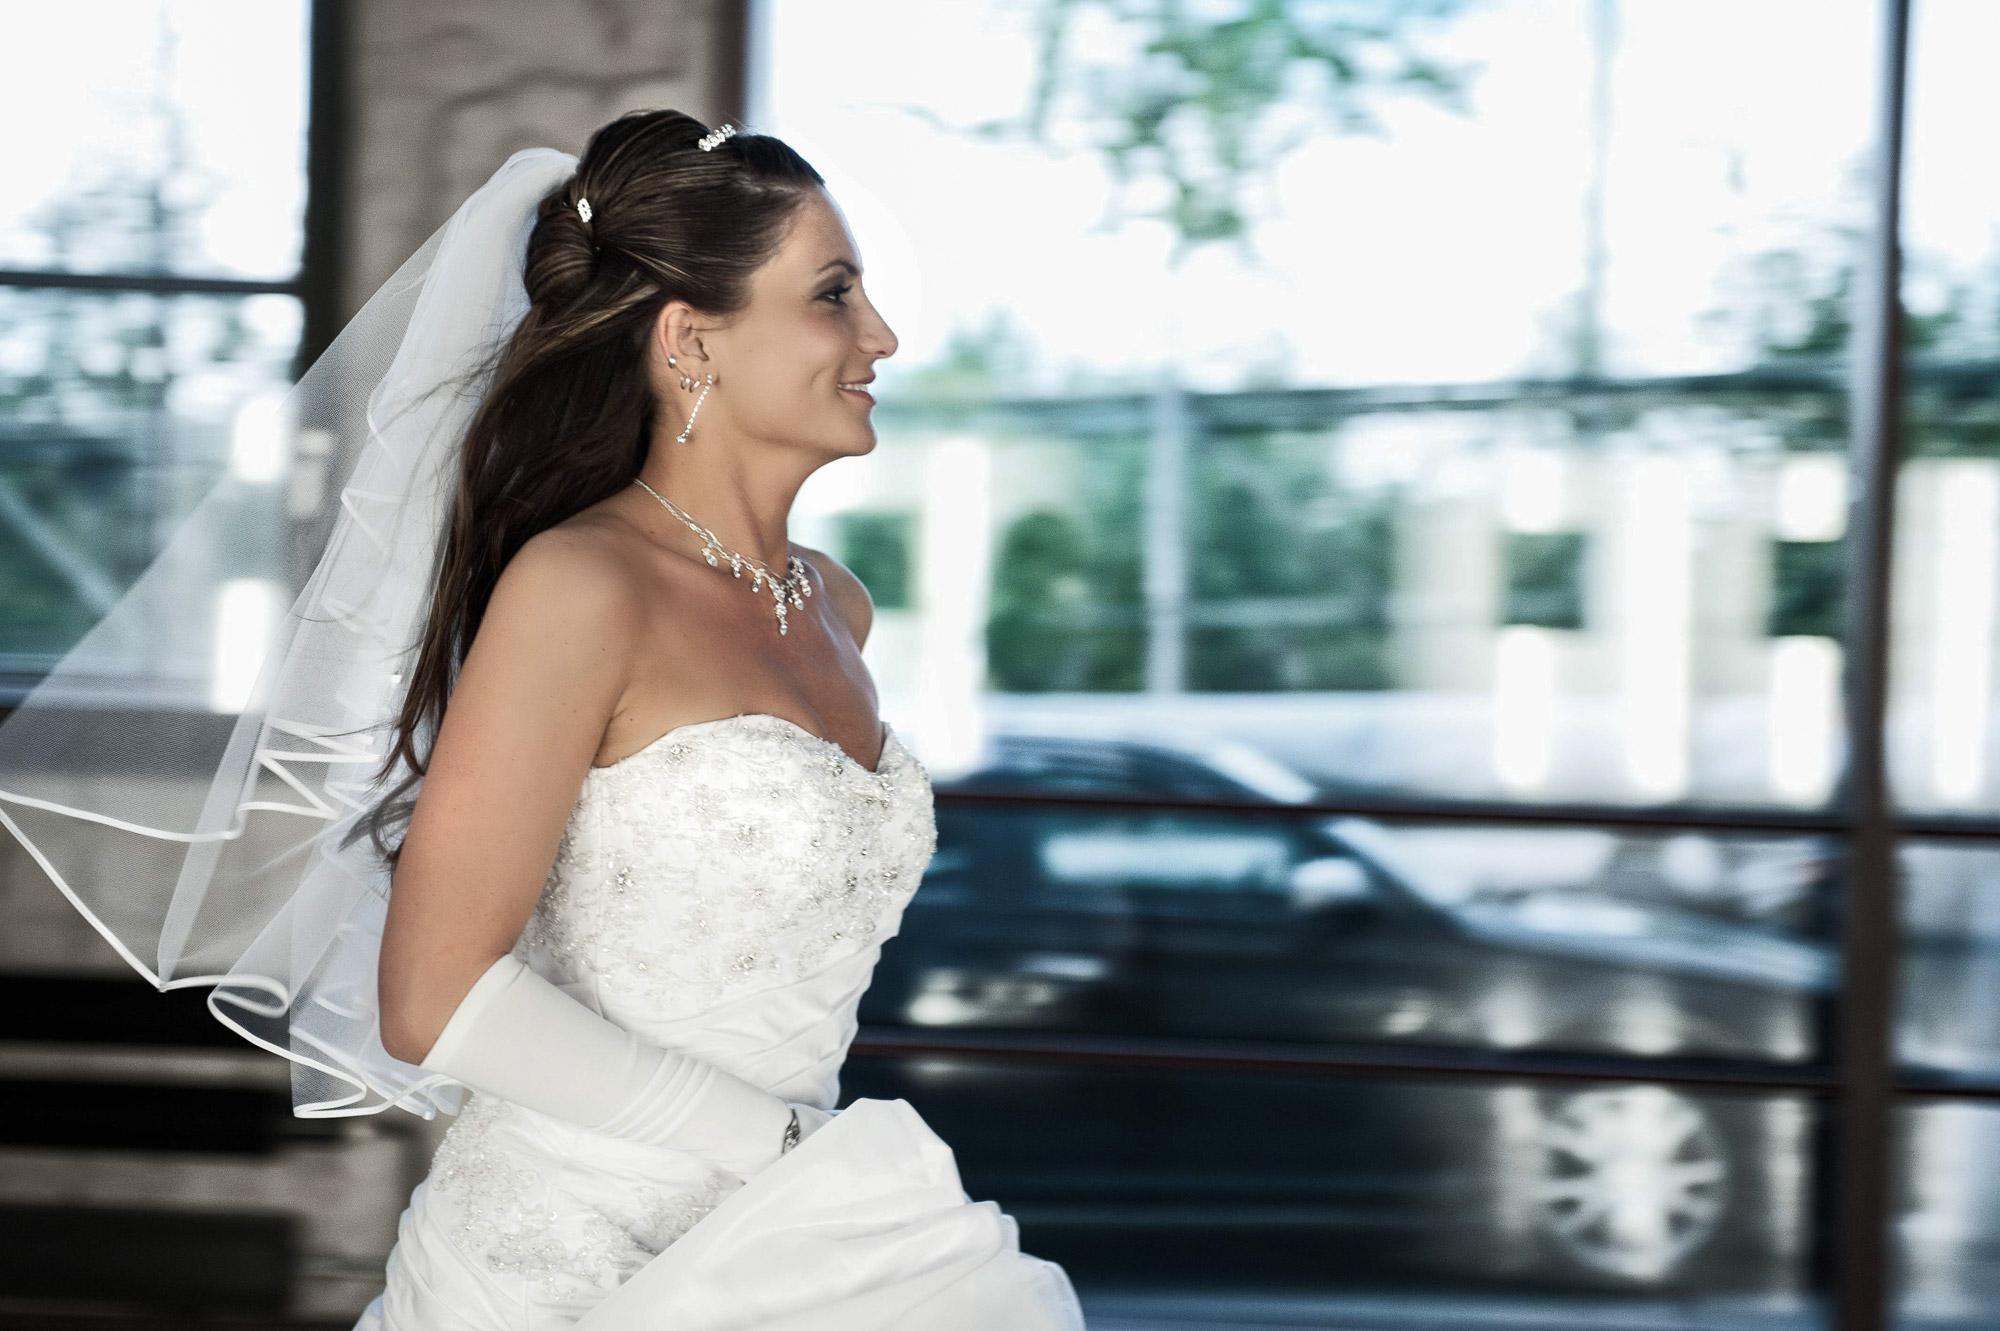 Hochzeitsfoto im Reportagestiel